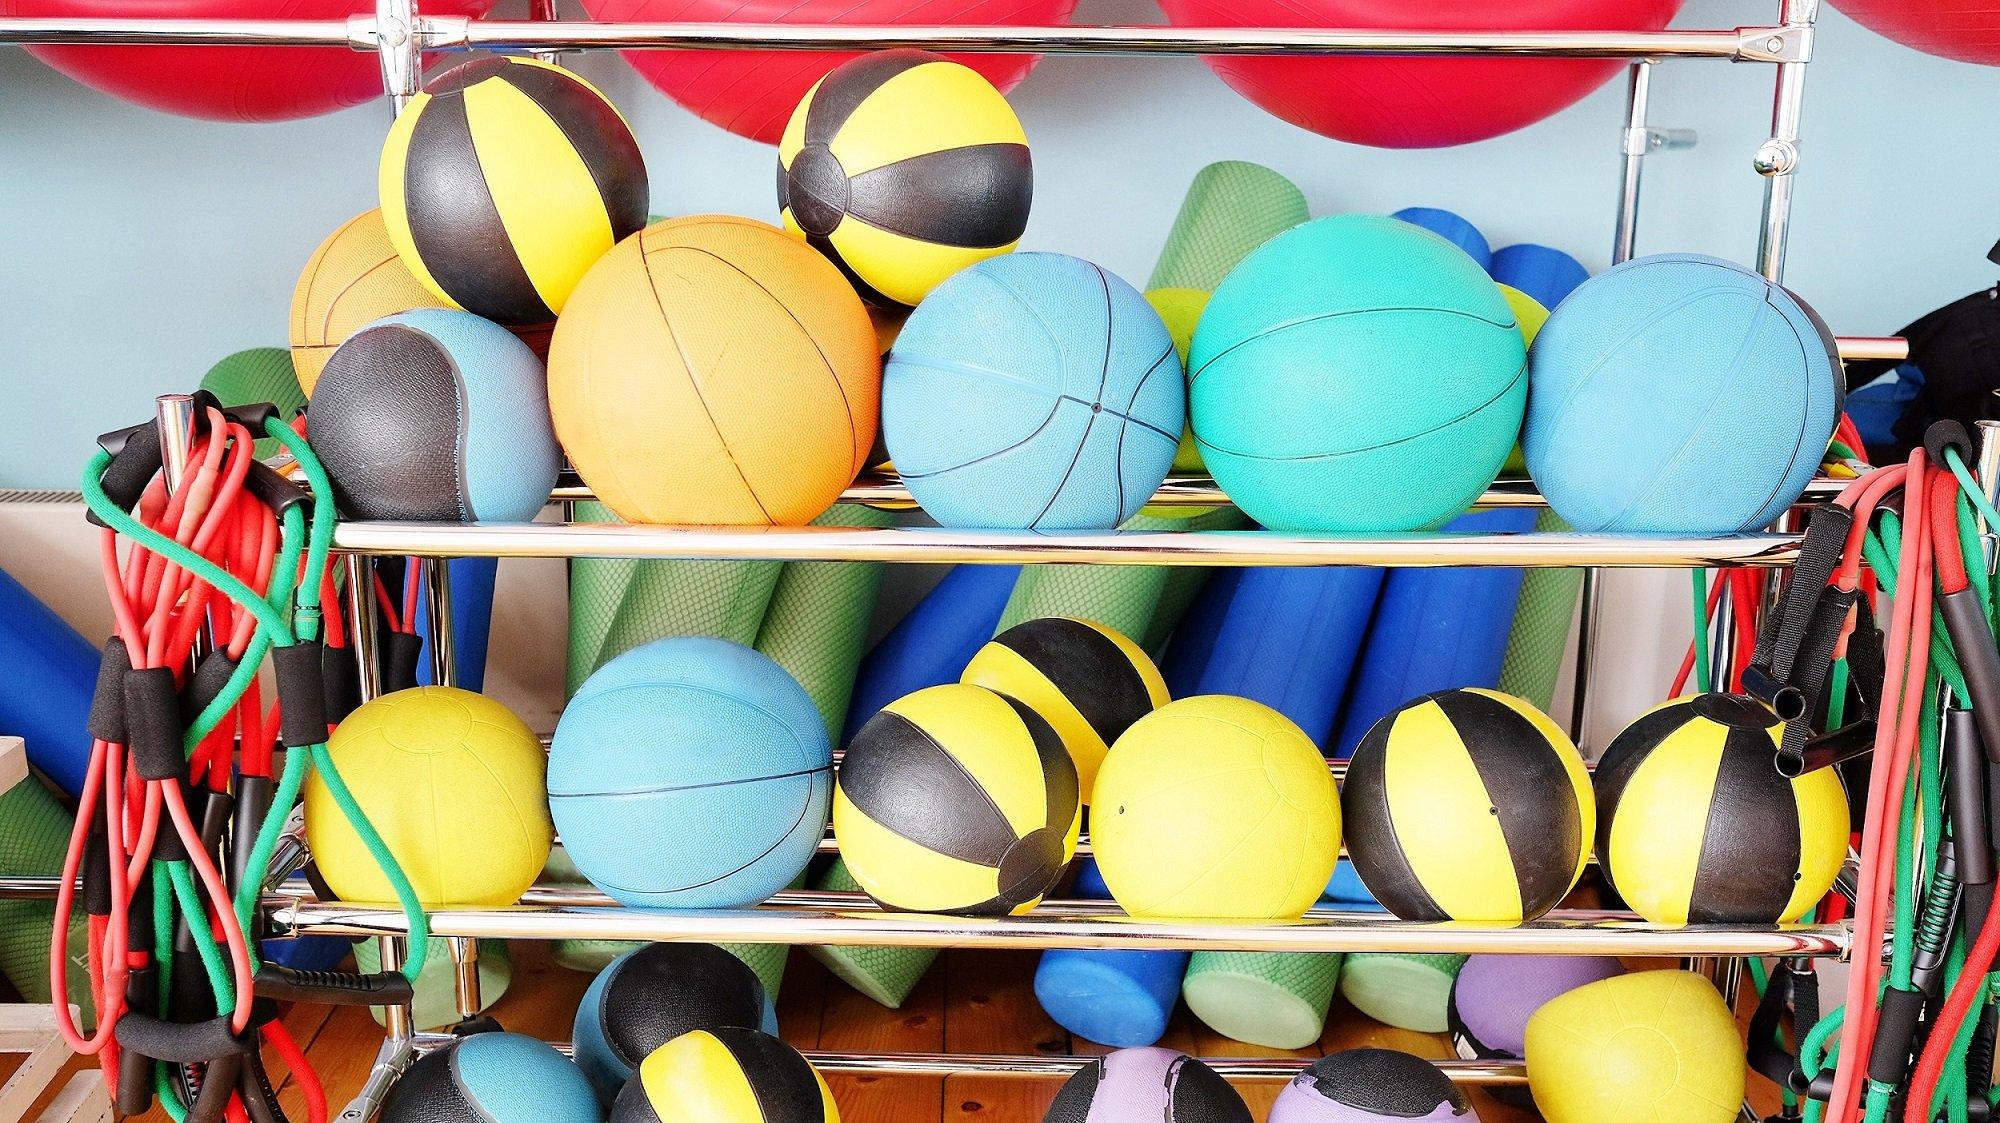 Et boldspil kan variere meget, alt efter hvilken bold man bruger.